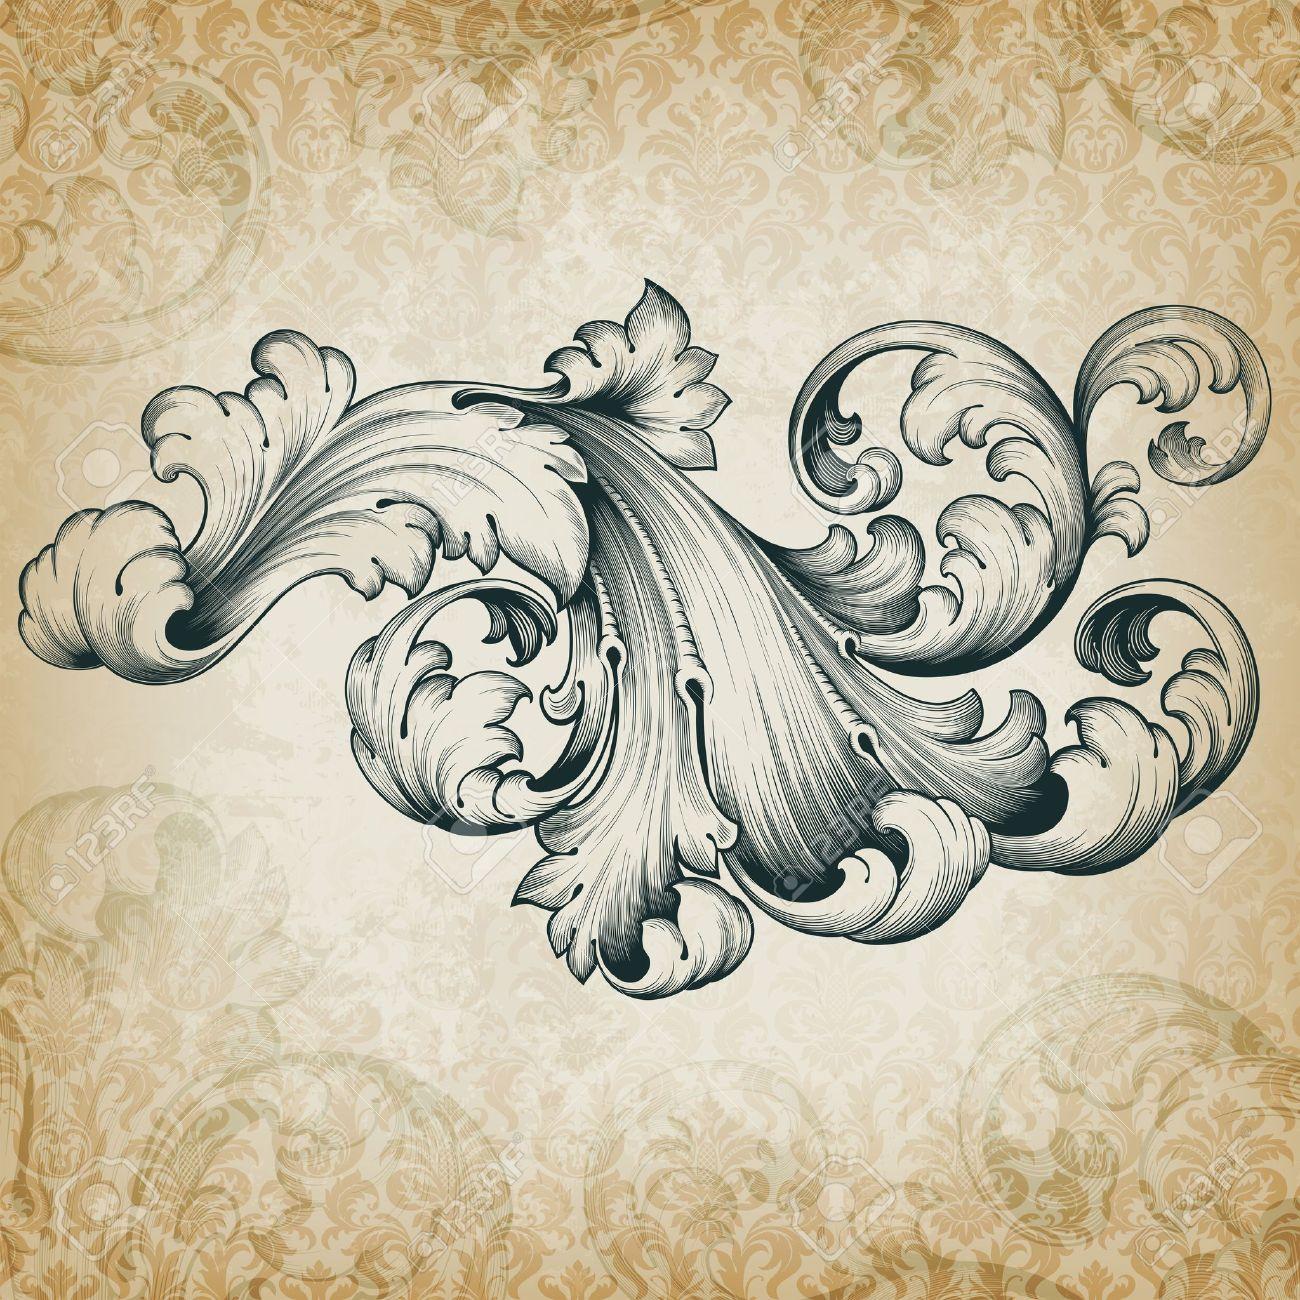 vintage baroque engraving floral scroll filigree design frame border acanthus pattern element at retro grunge damask background Stock Vector - 15662165